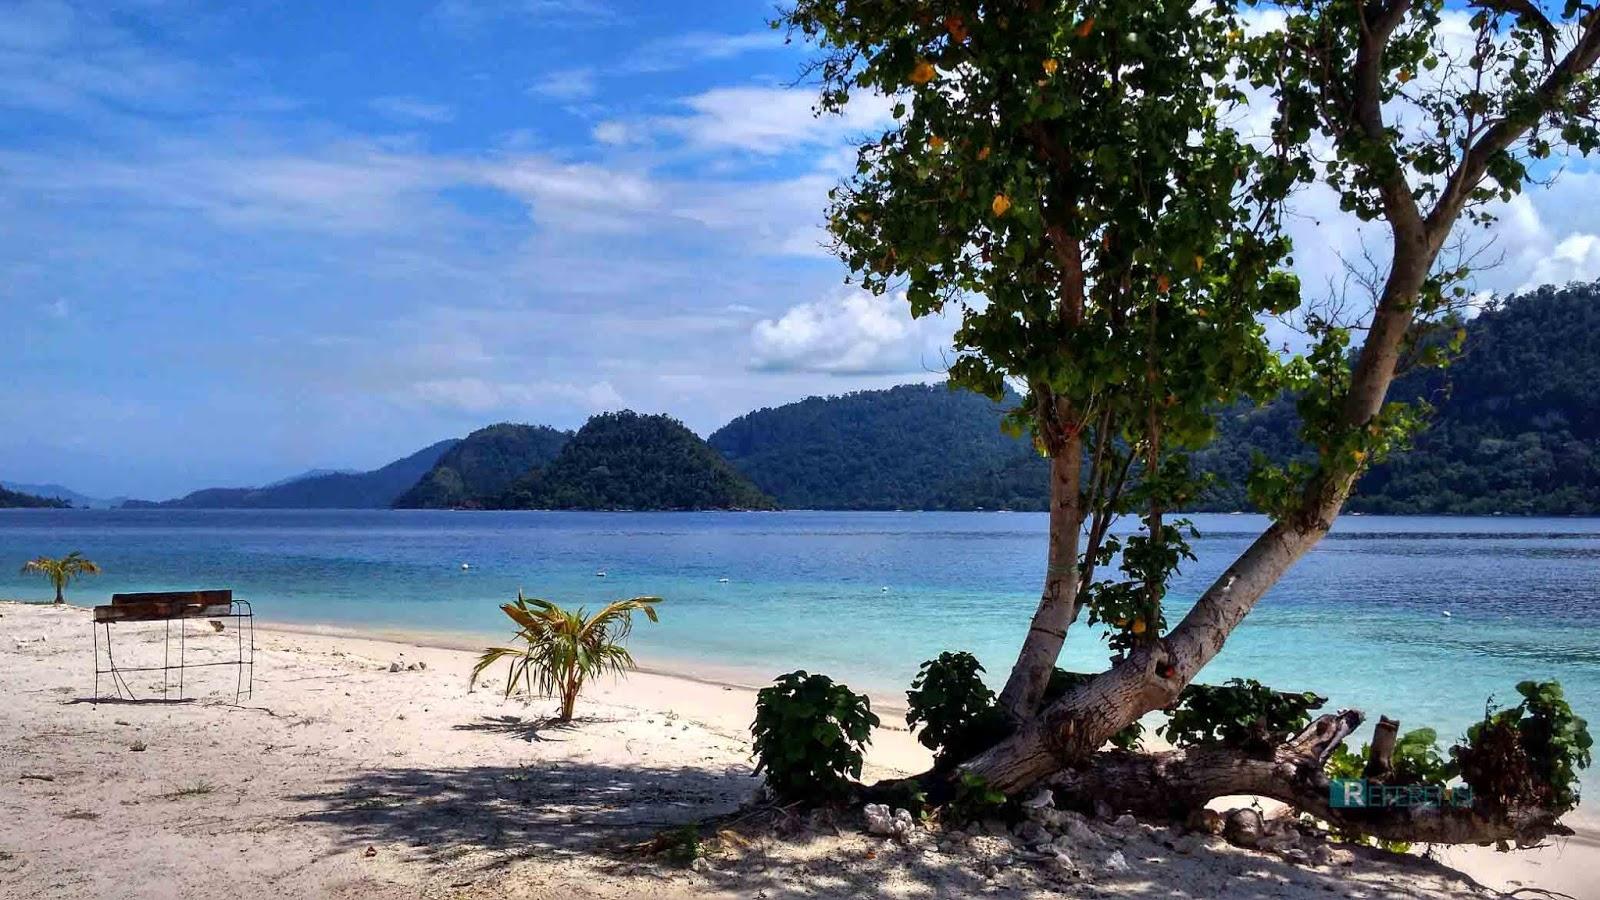 Wisata Pulau Pagang terletak dibagian wisata mandeh pesisir selatan